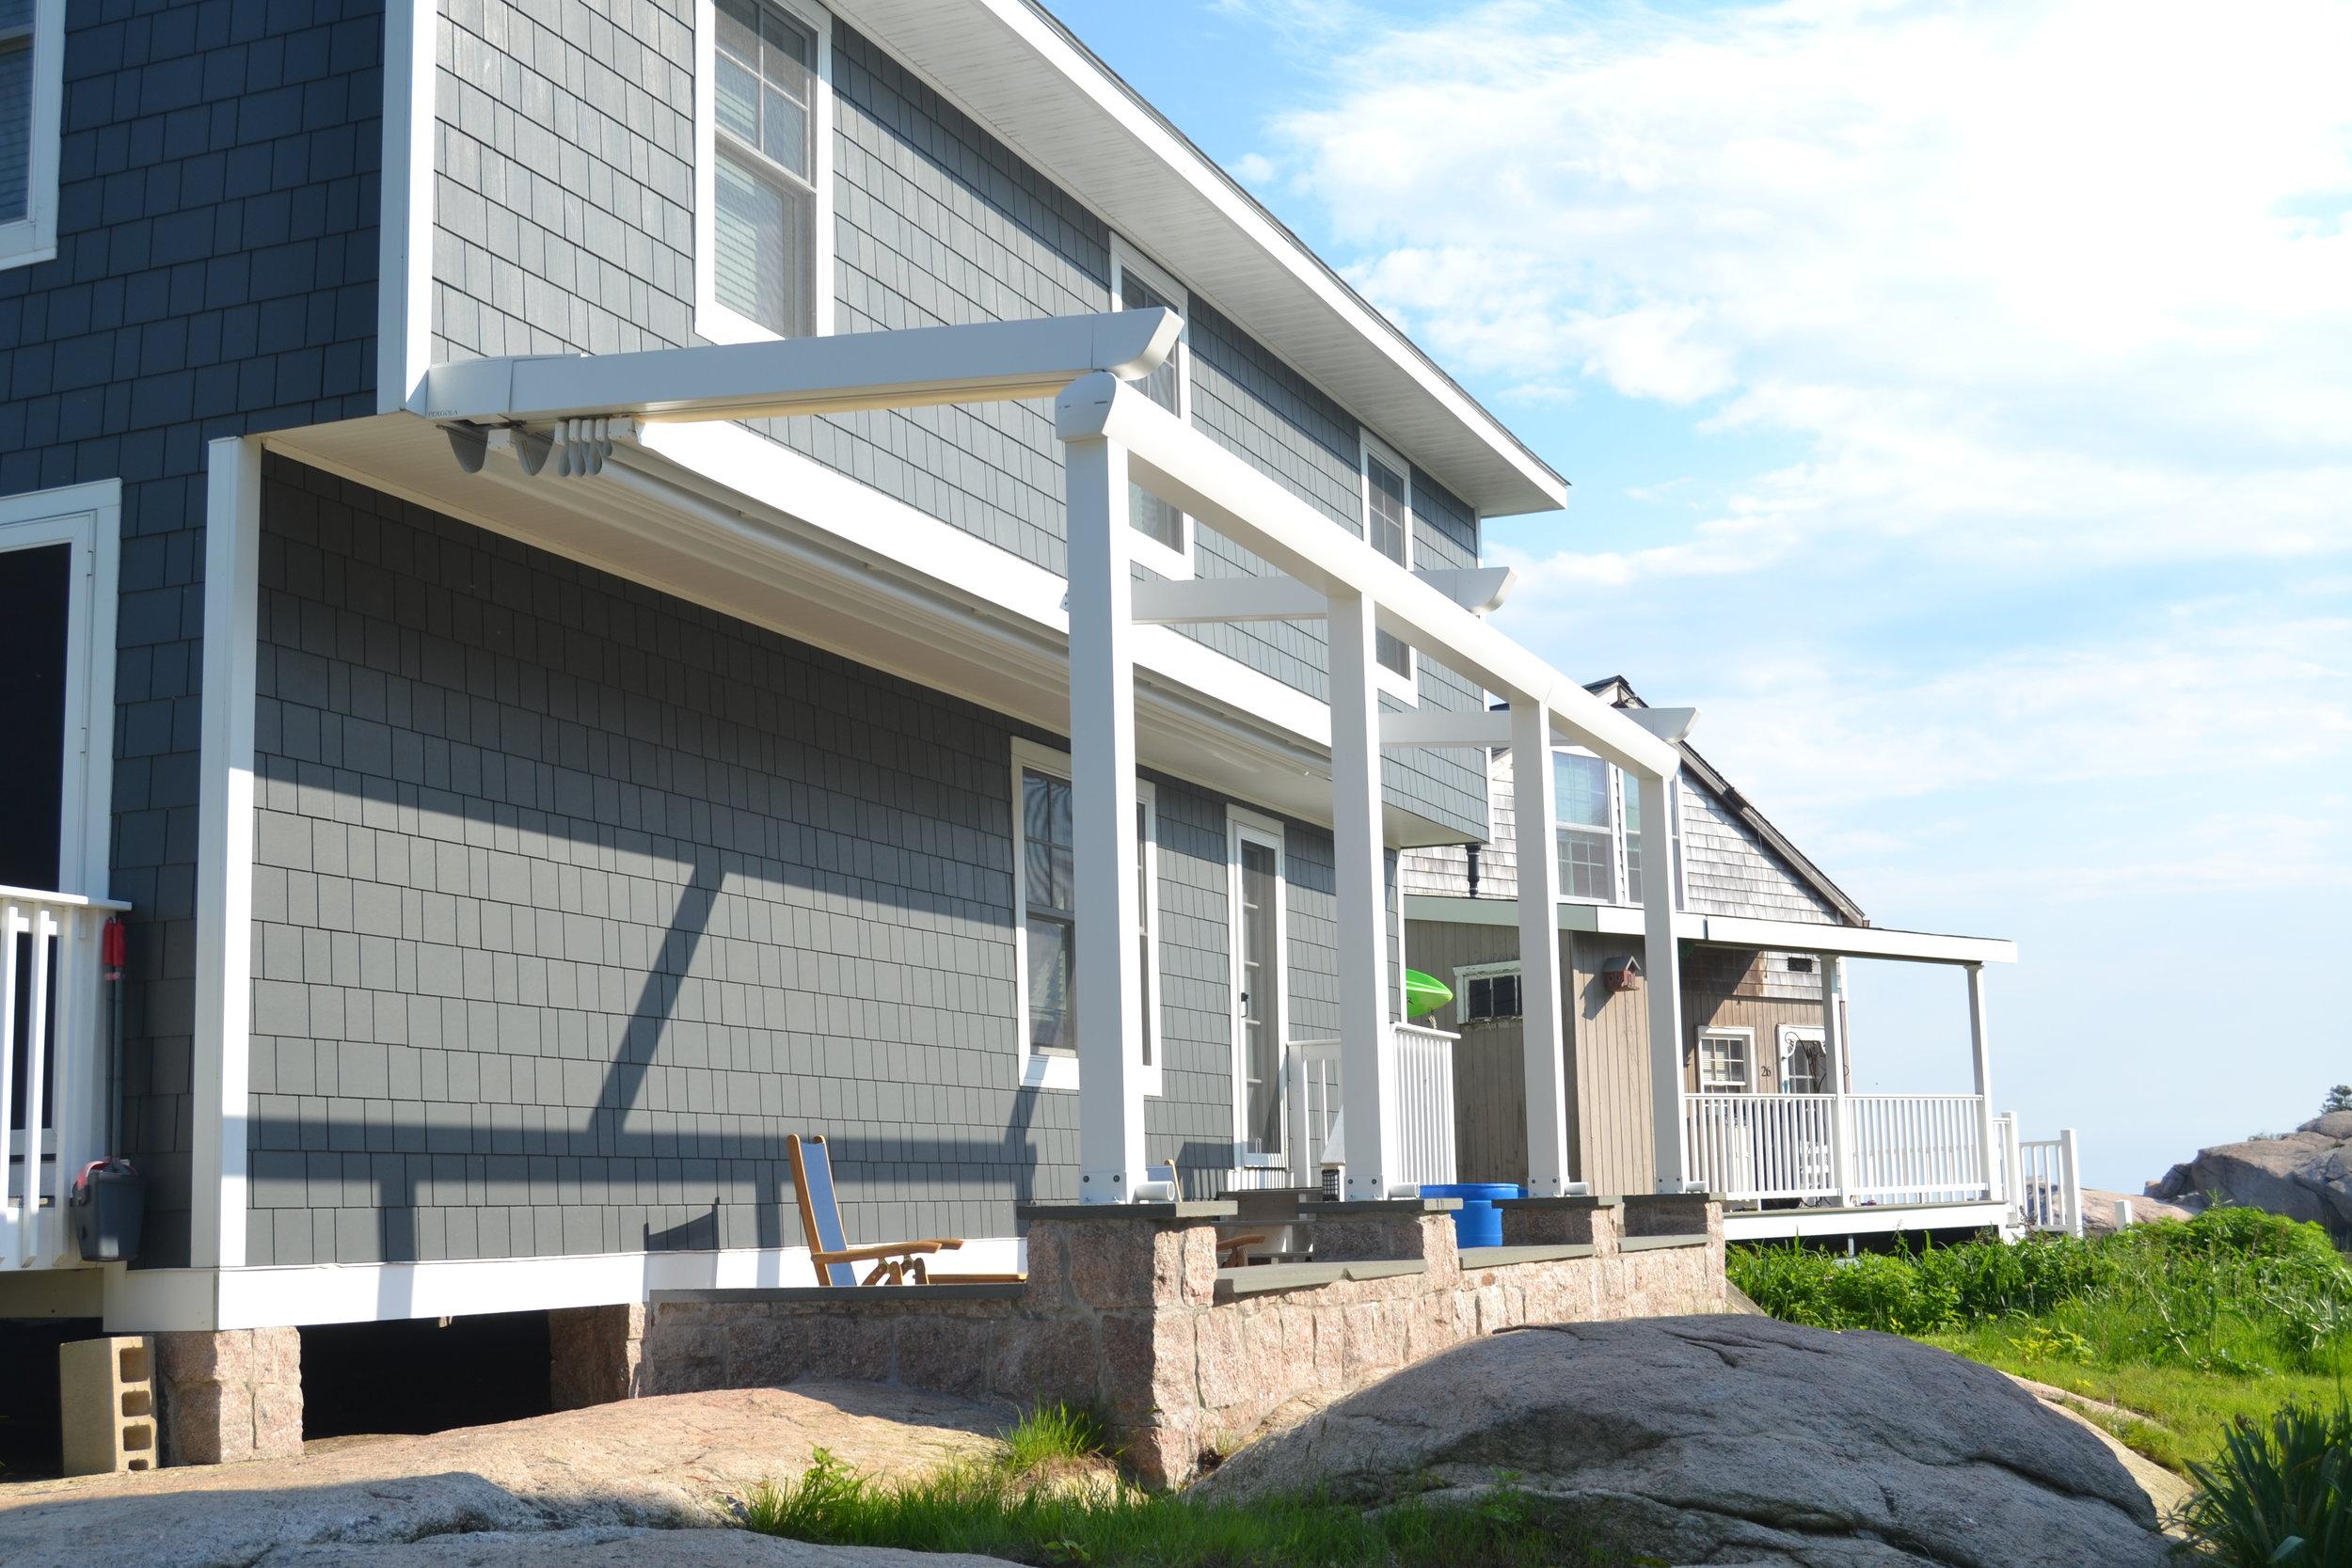 pergola-awning-motorized-roof.JPG